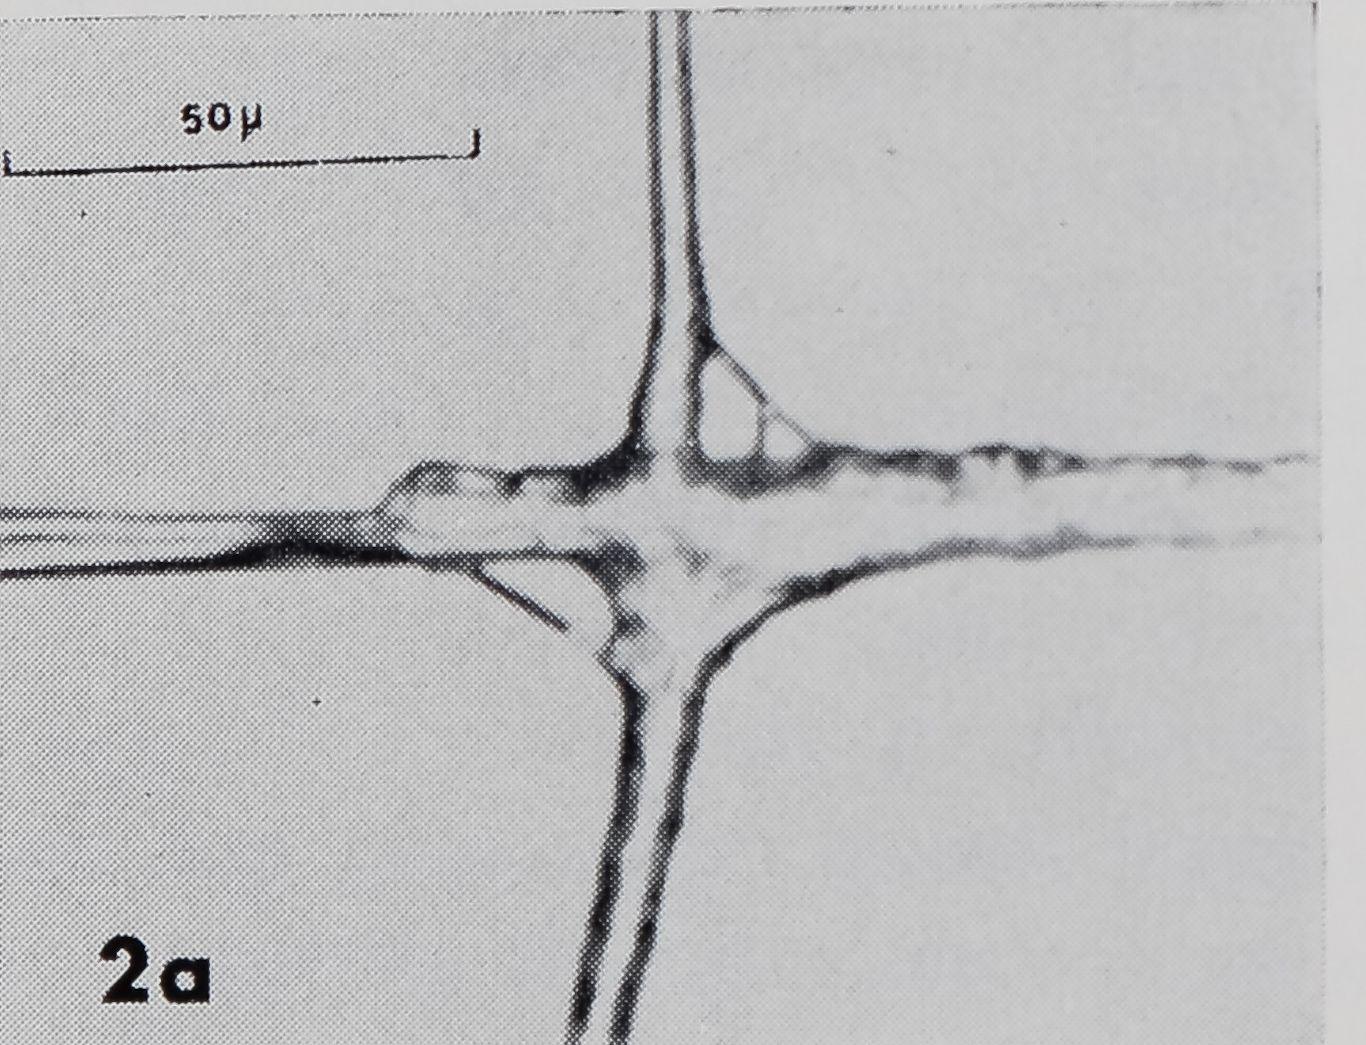 1971-FineStructureOfTheThread-2